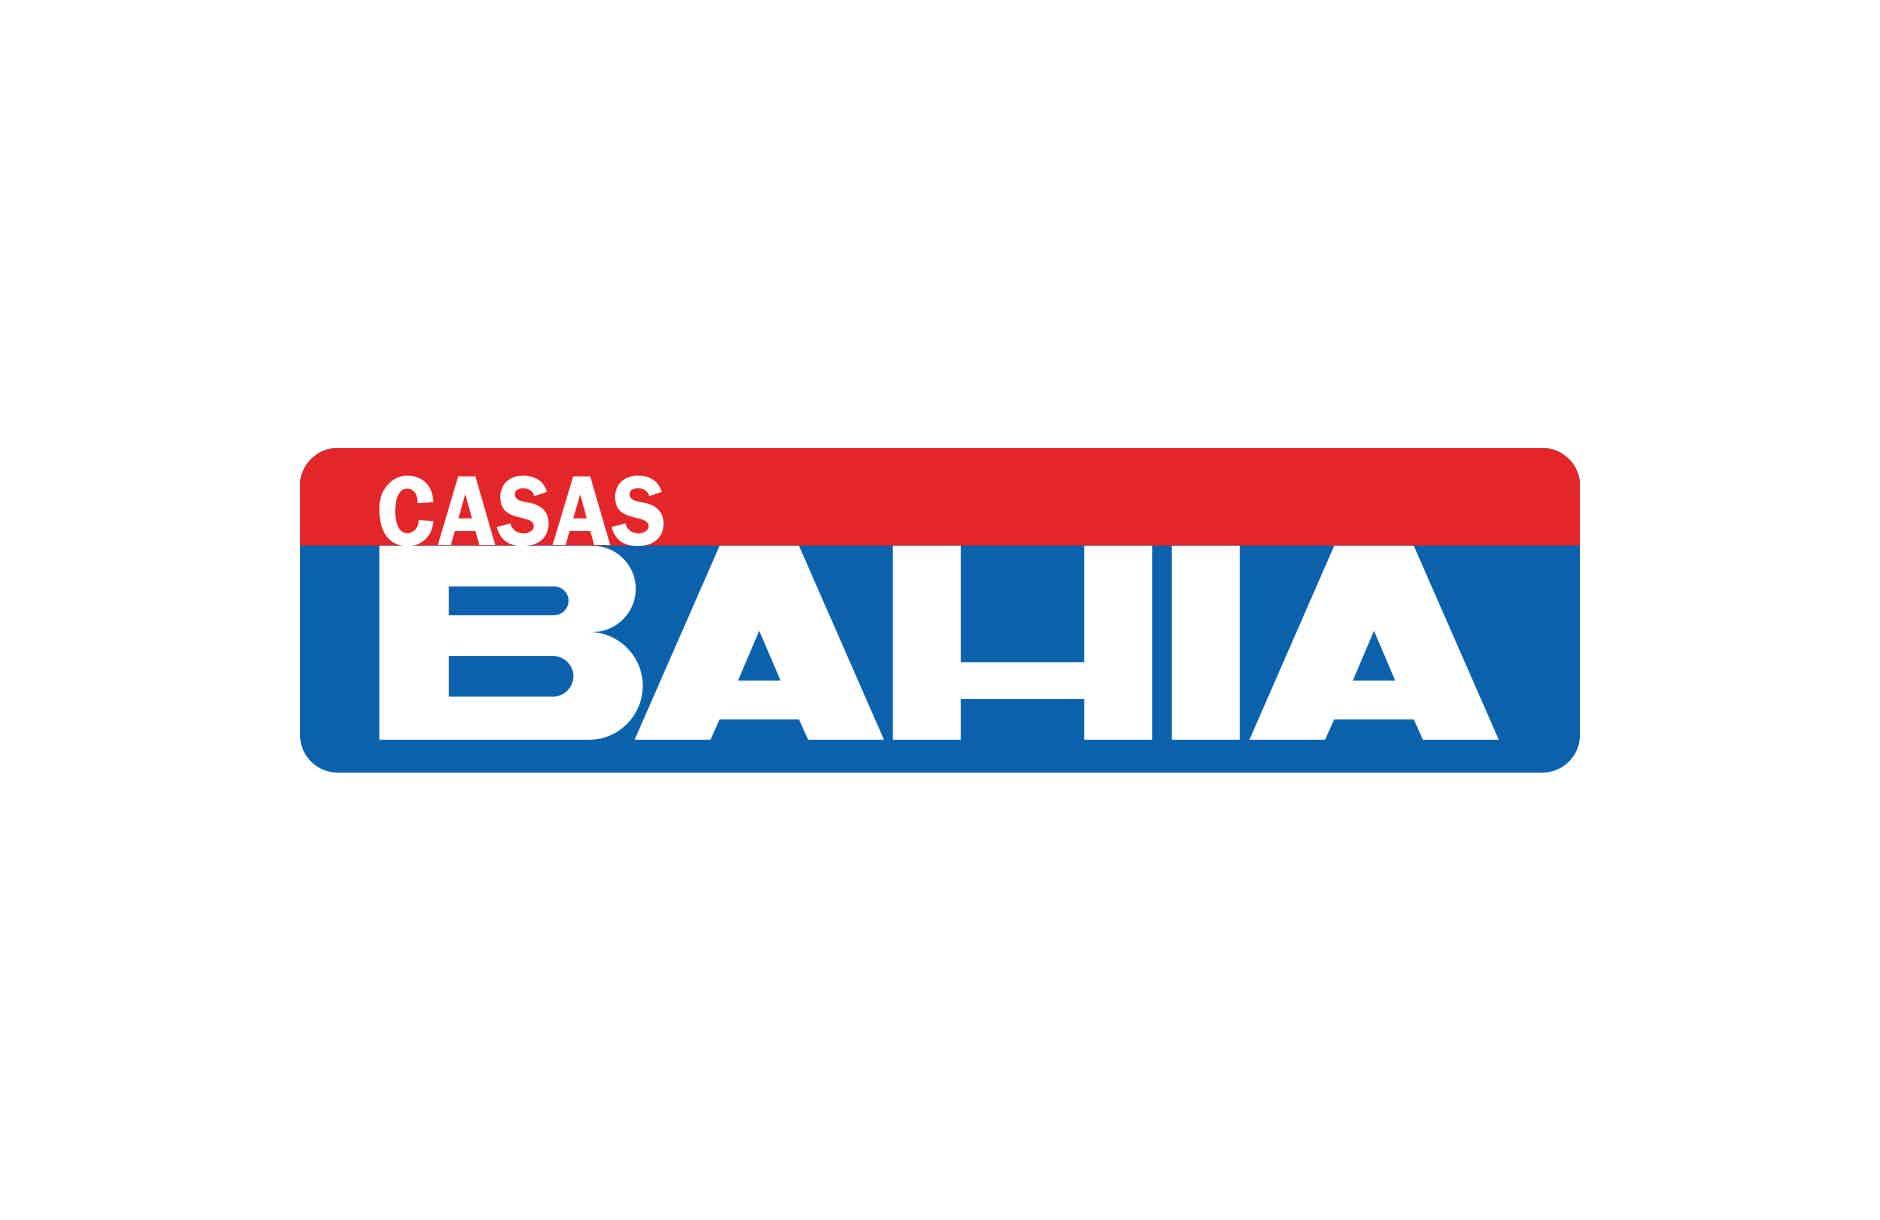 Características do cartão das Casas Bahia